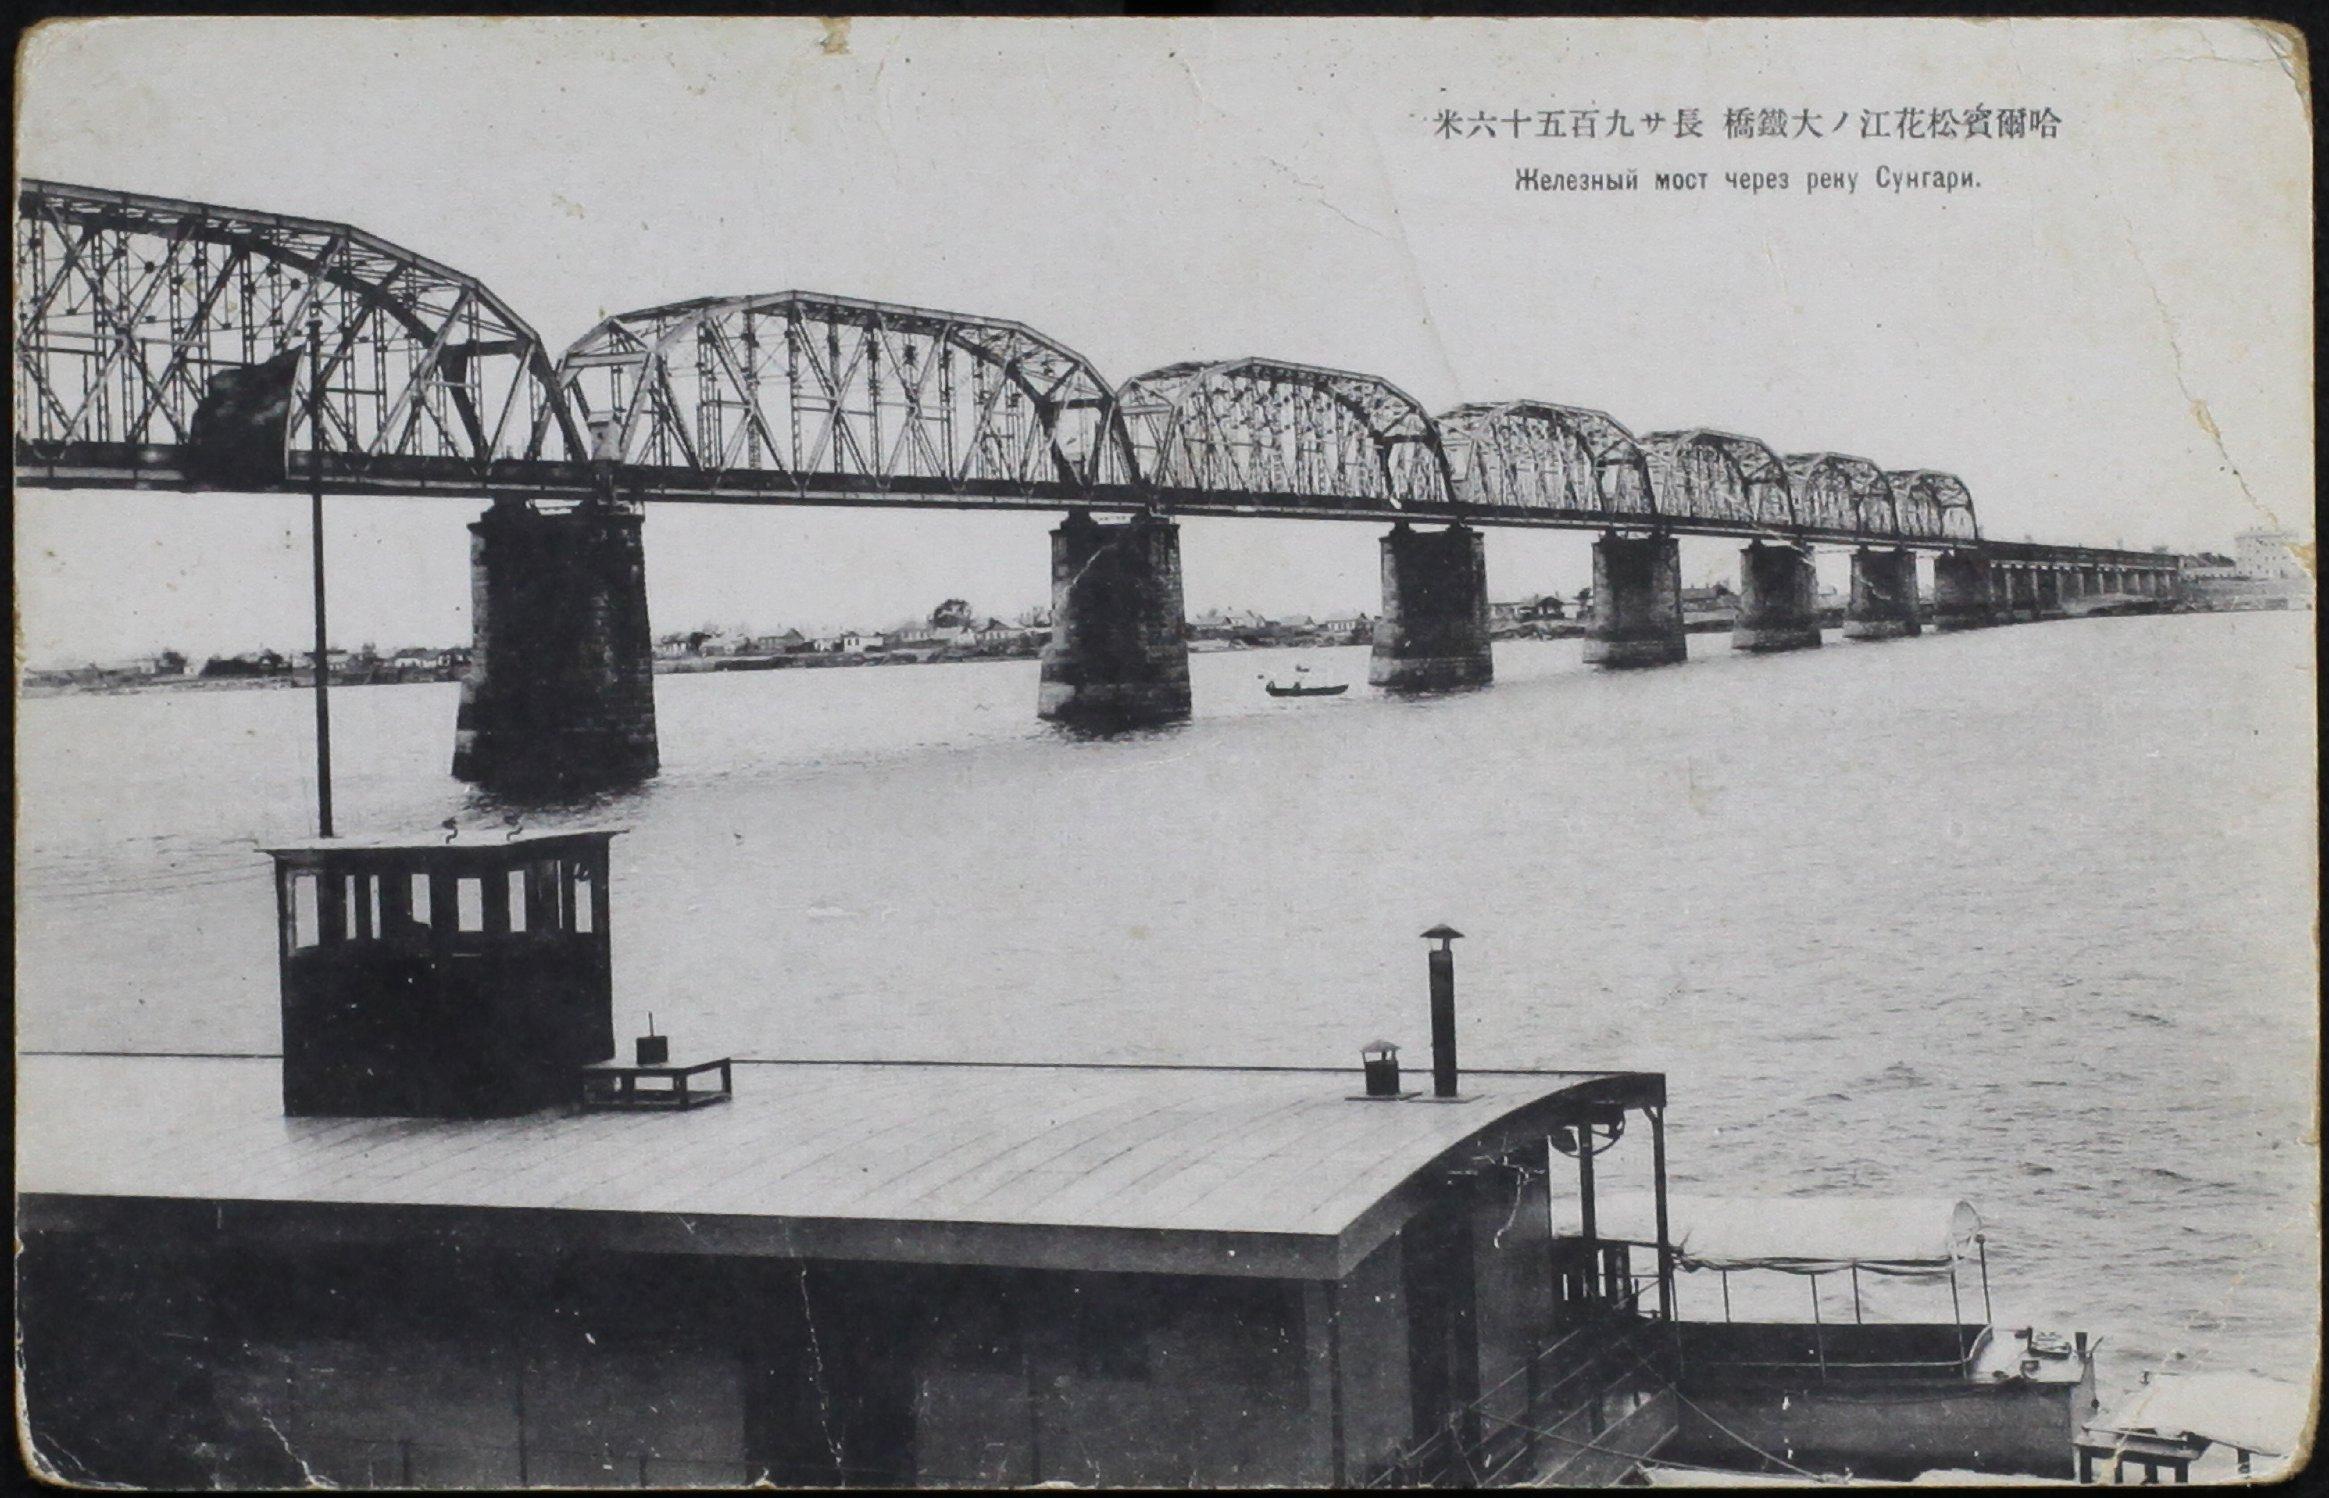 「松花江に架かる鉄橋」の画像検索結果